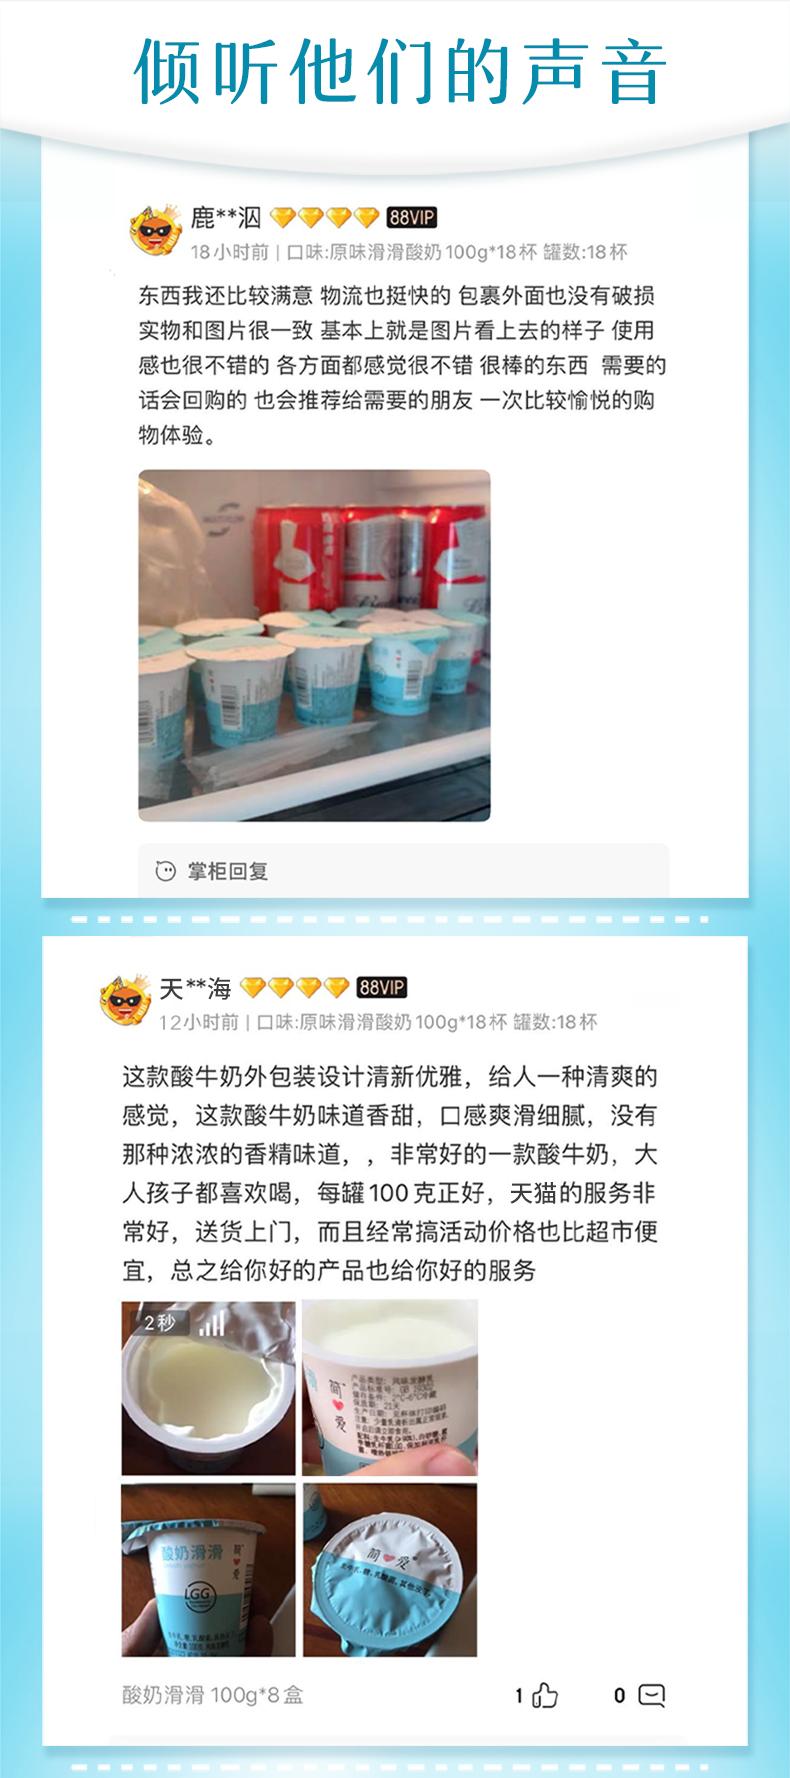 简爱 原味0添加酸奶 100g*18杯 图4